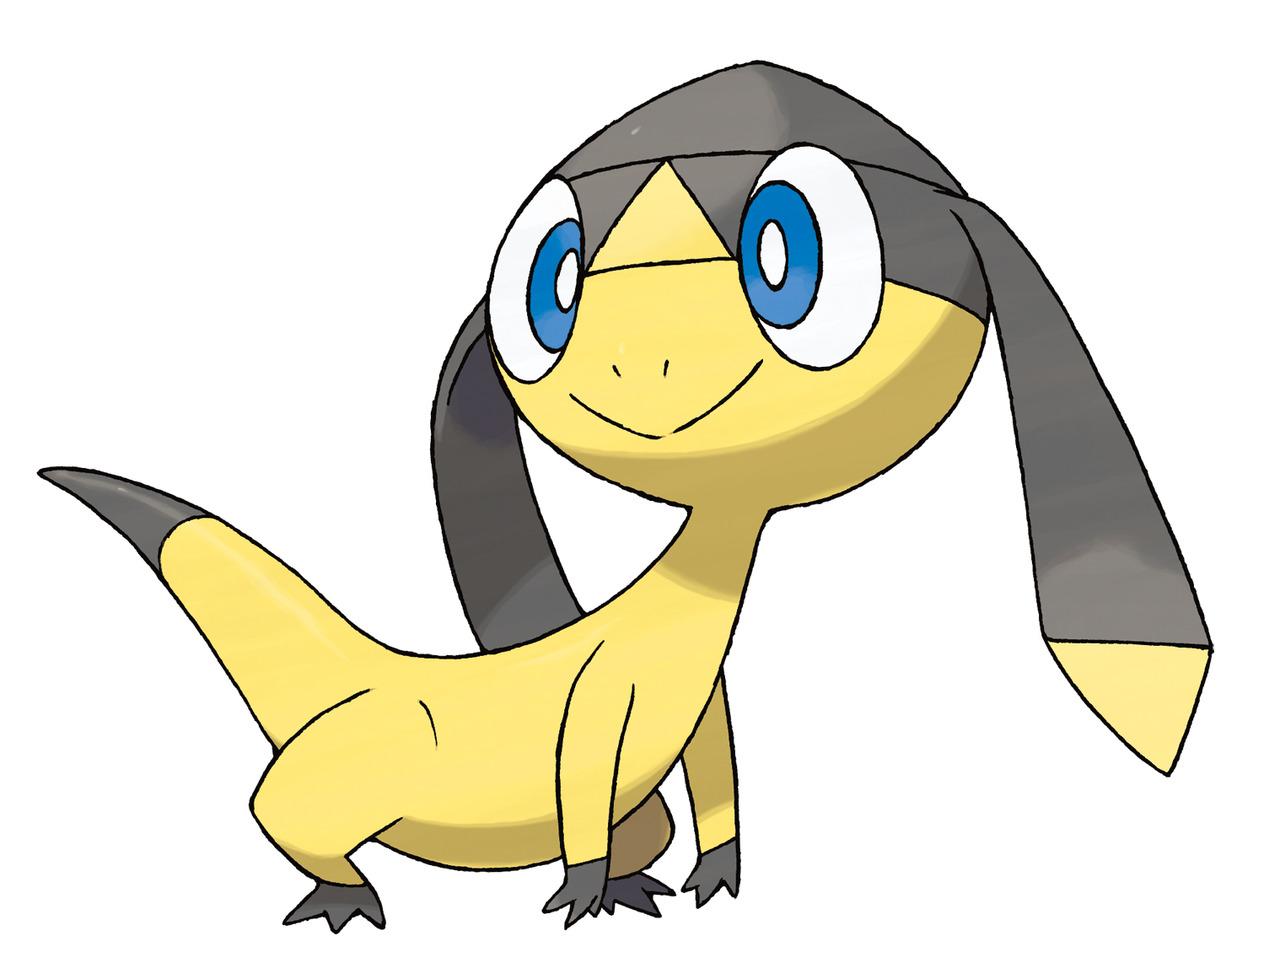 Pokémon X y Pokémon Y: Nintendo revela oficialmente cuatro nuevos